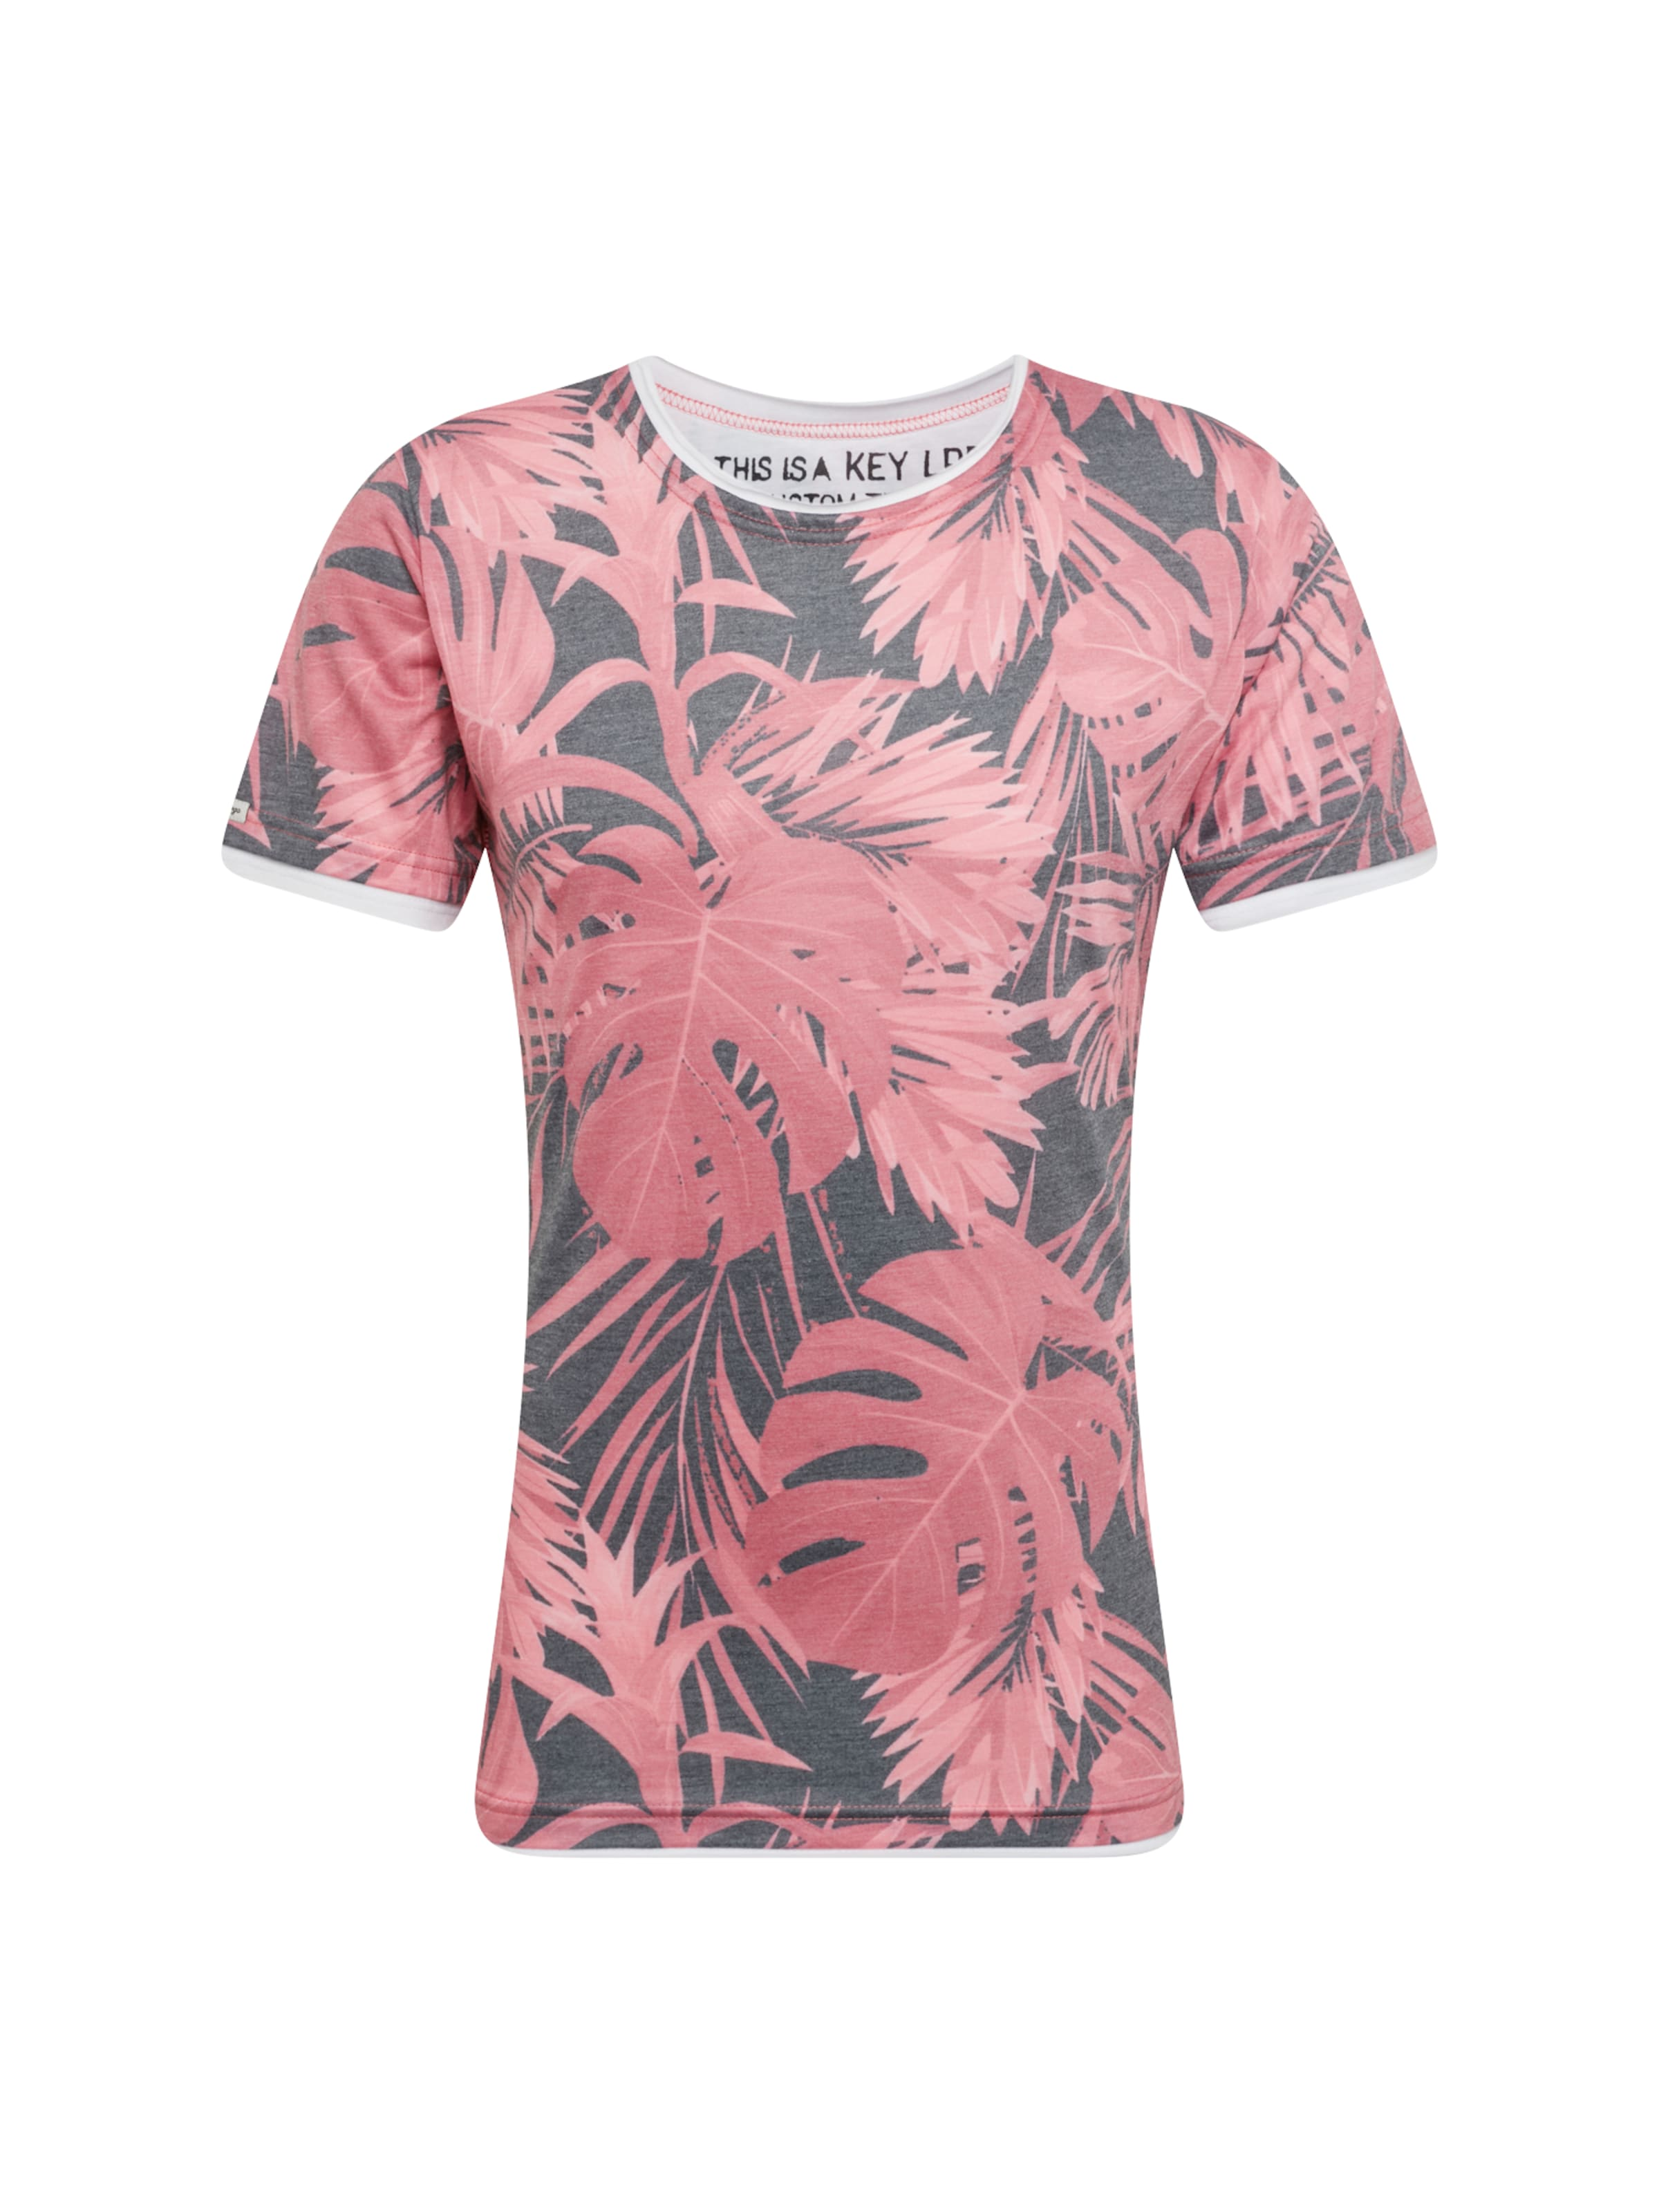 Round' En shirt Rouge De Mélange Yucca Key 'mt T Largo Couleurs g7ORX7